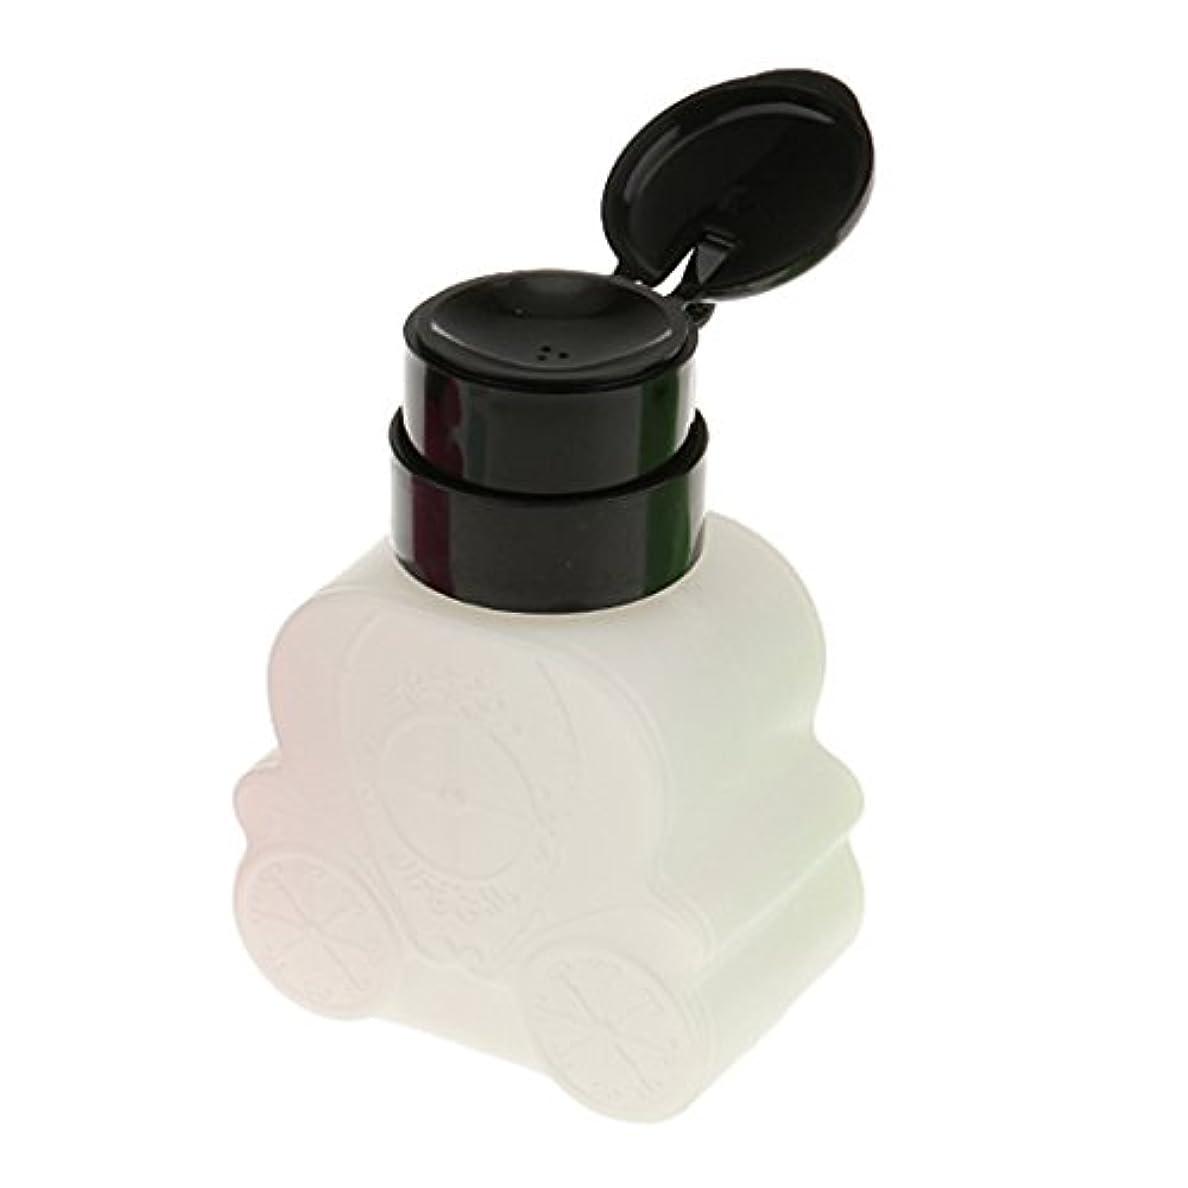 言い聞かせるくマイクロプロセッサT TOOYFUL 空き瓶 空のプラスチックボトル 化粧品 空ボトル